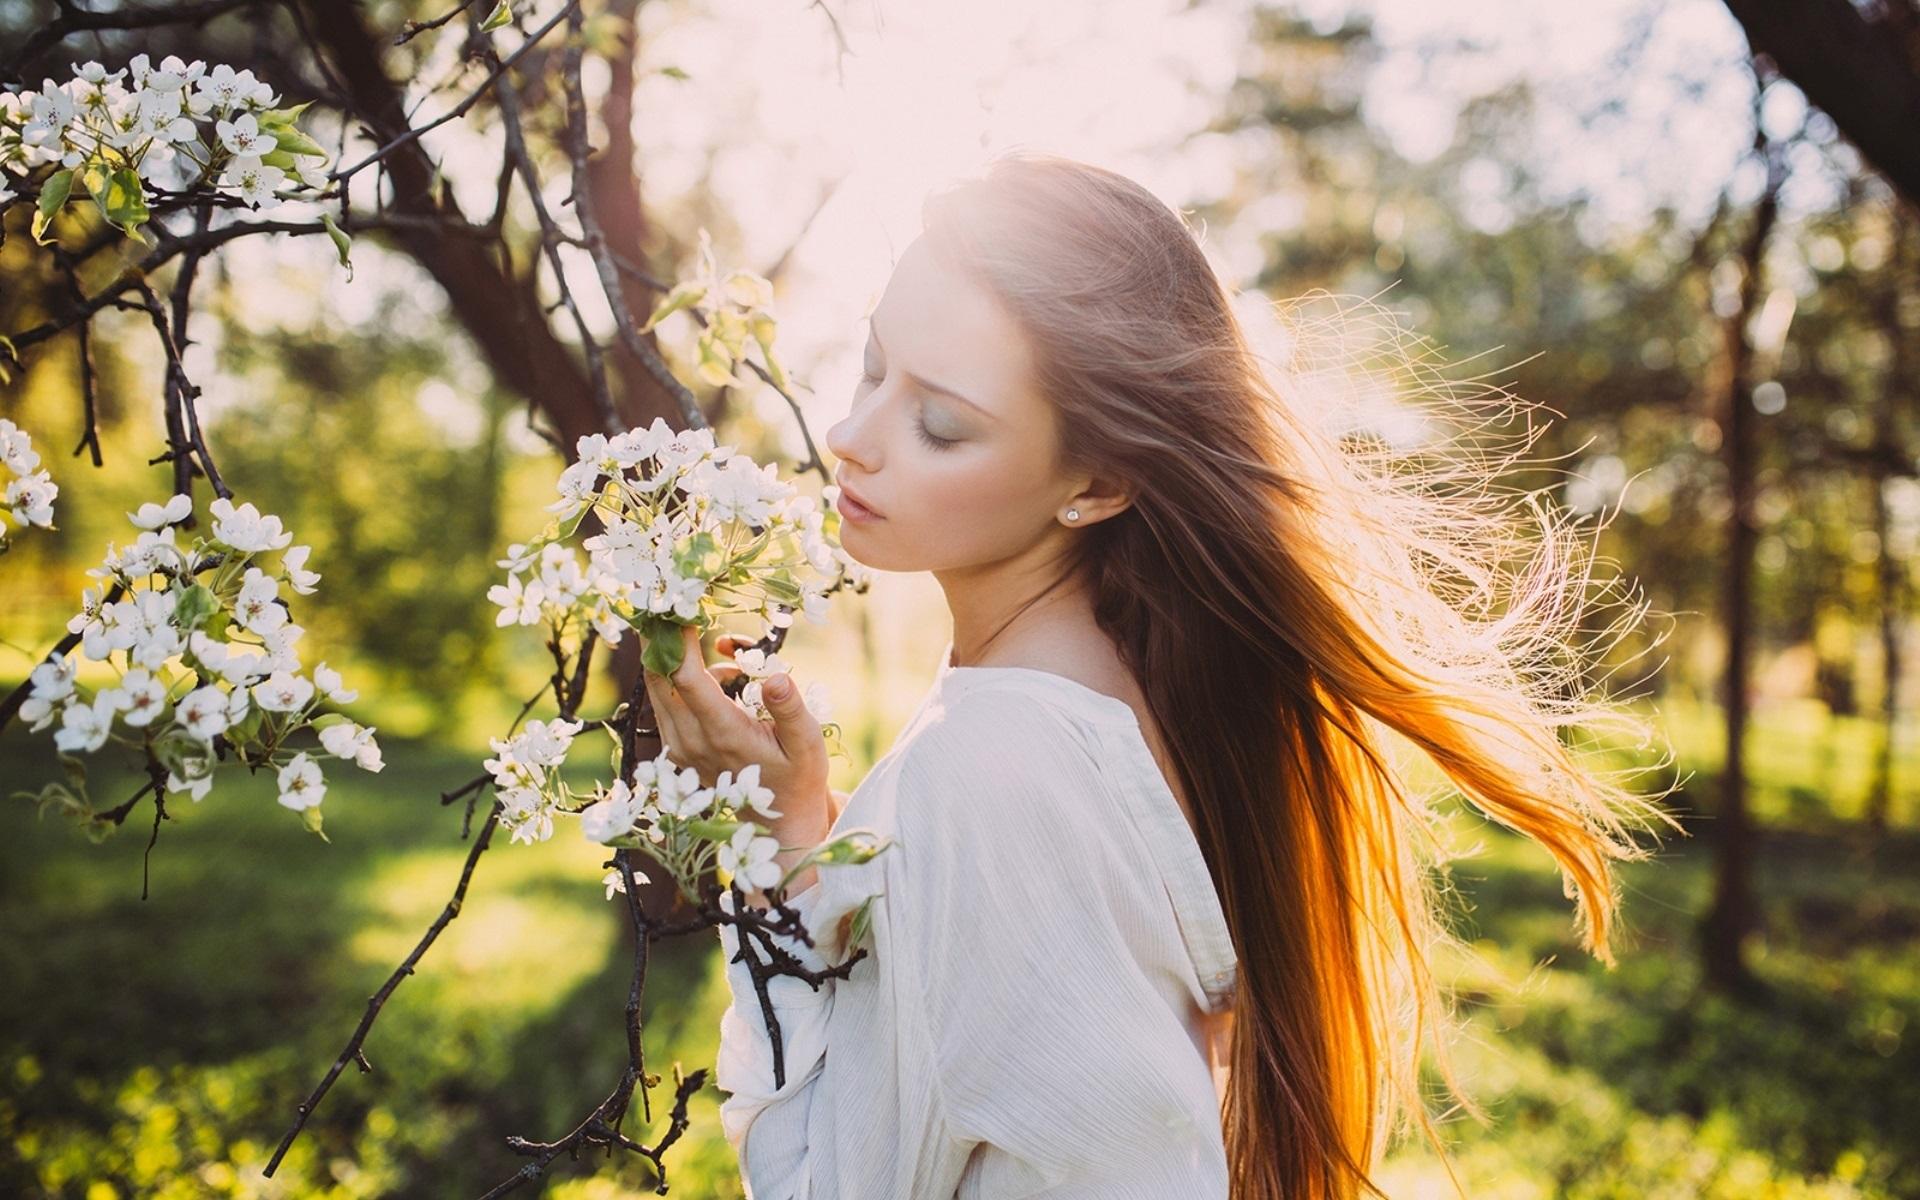 Весна и девушка картинки на рабочий стол